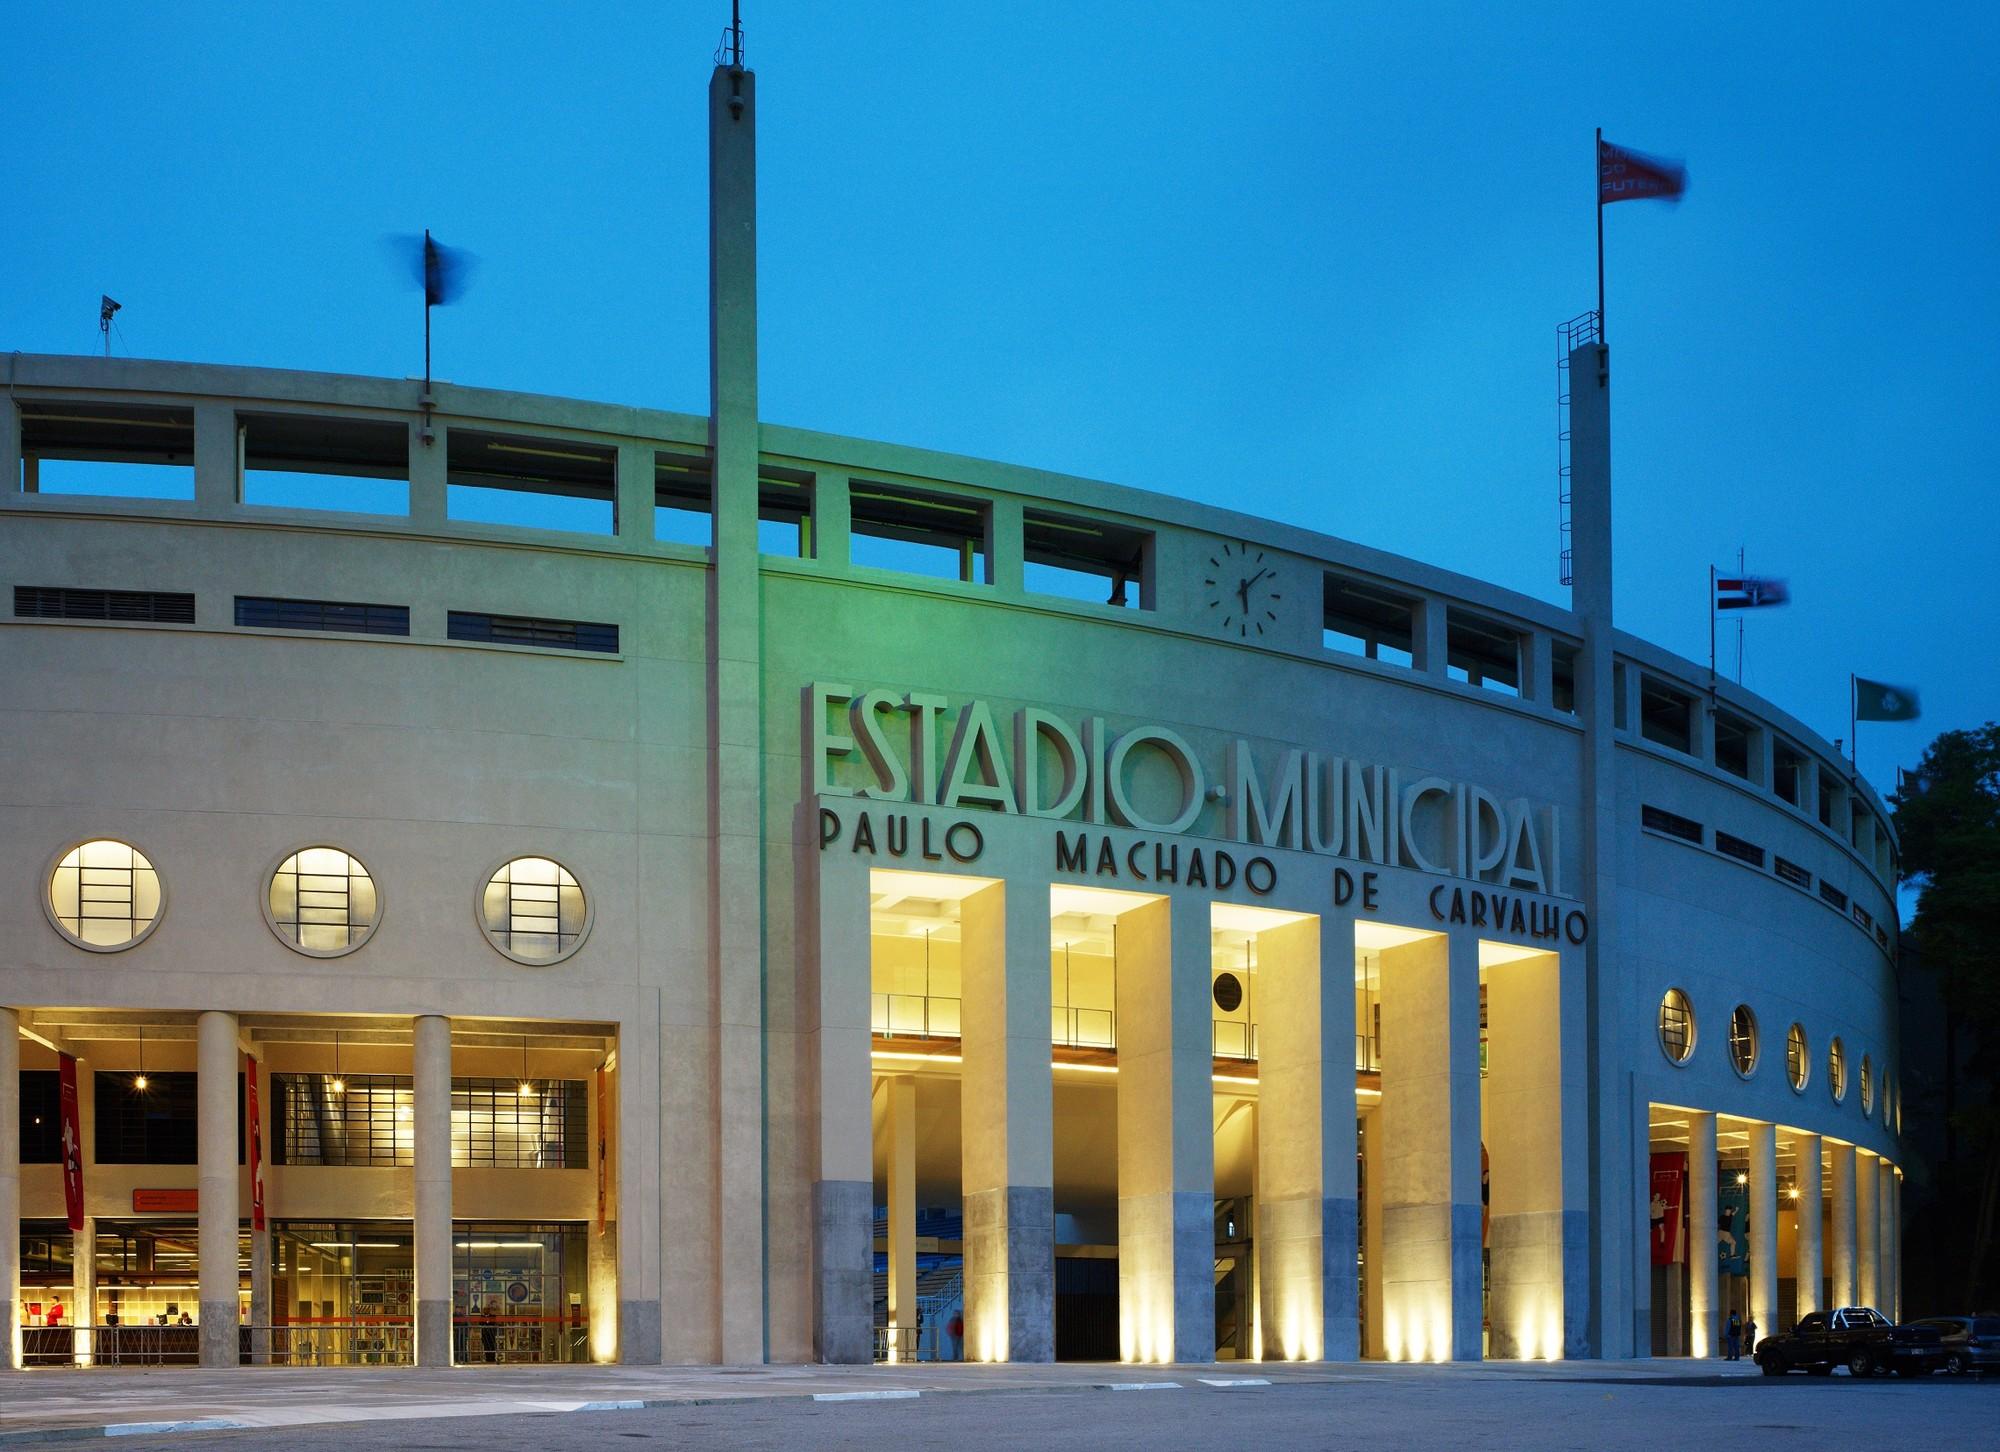 El proyecto consistió en la restauración del edificio frente Pacaembu Stadium, que abrió sus puertas en 1940. © Nelson Kon